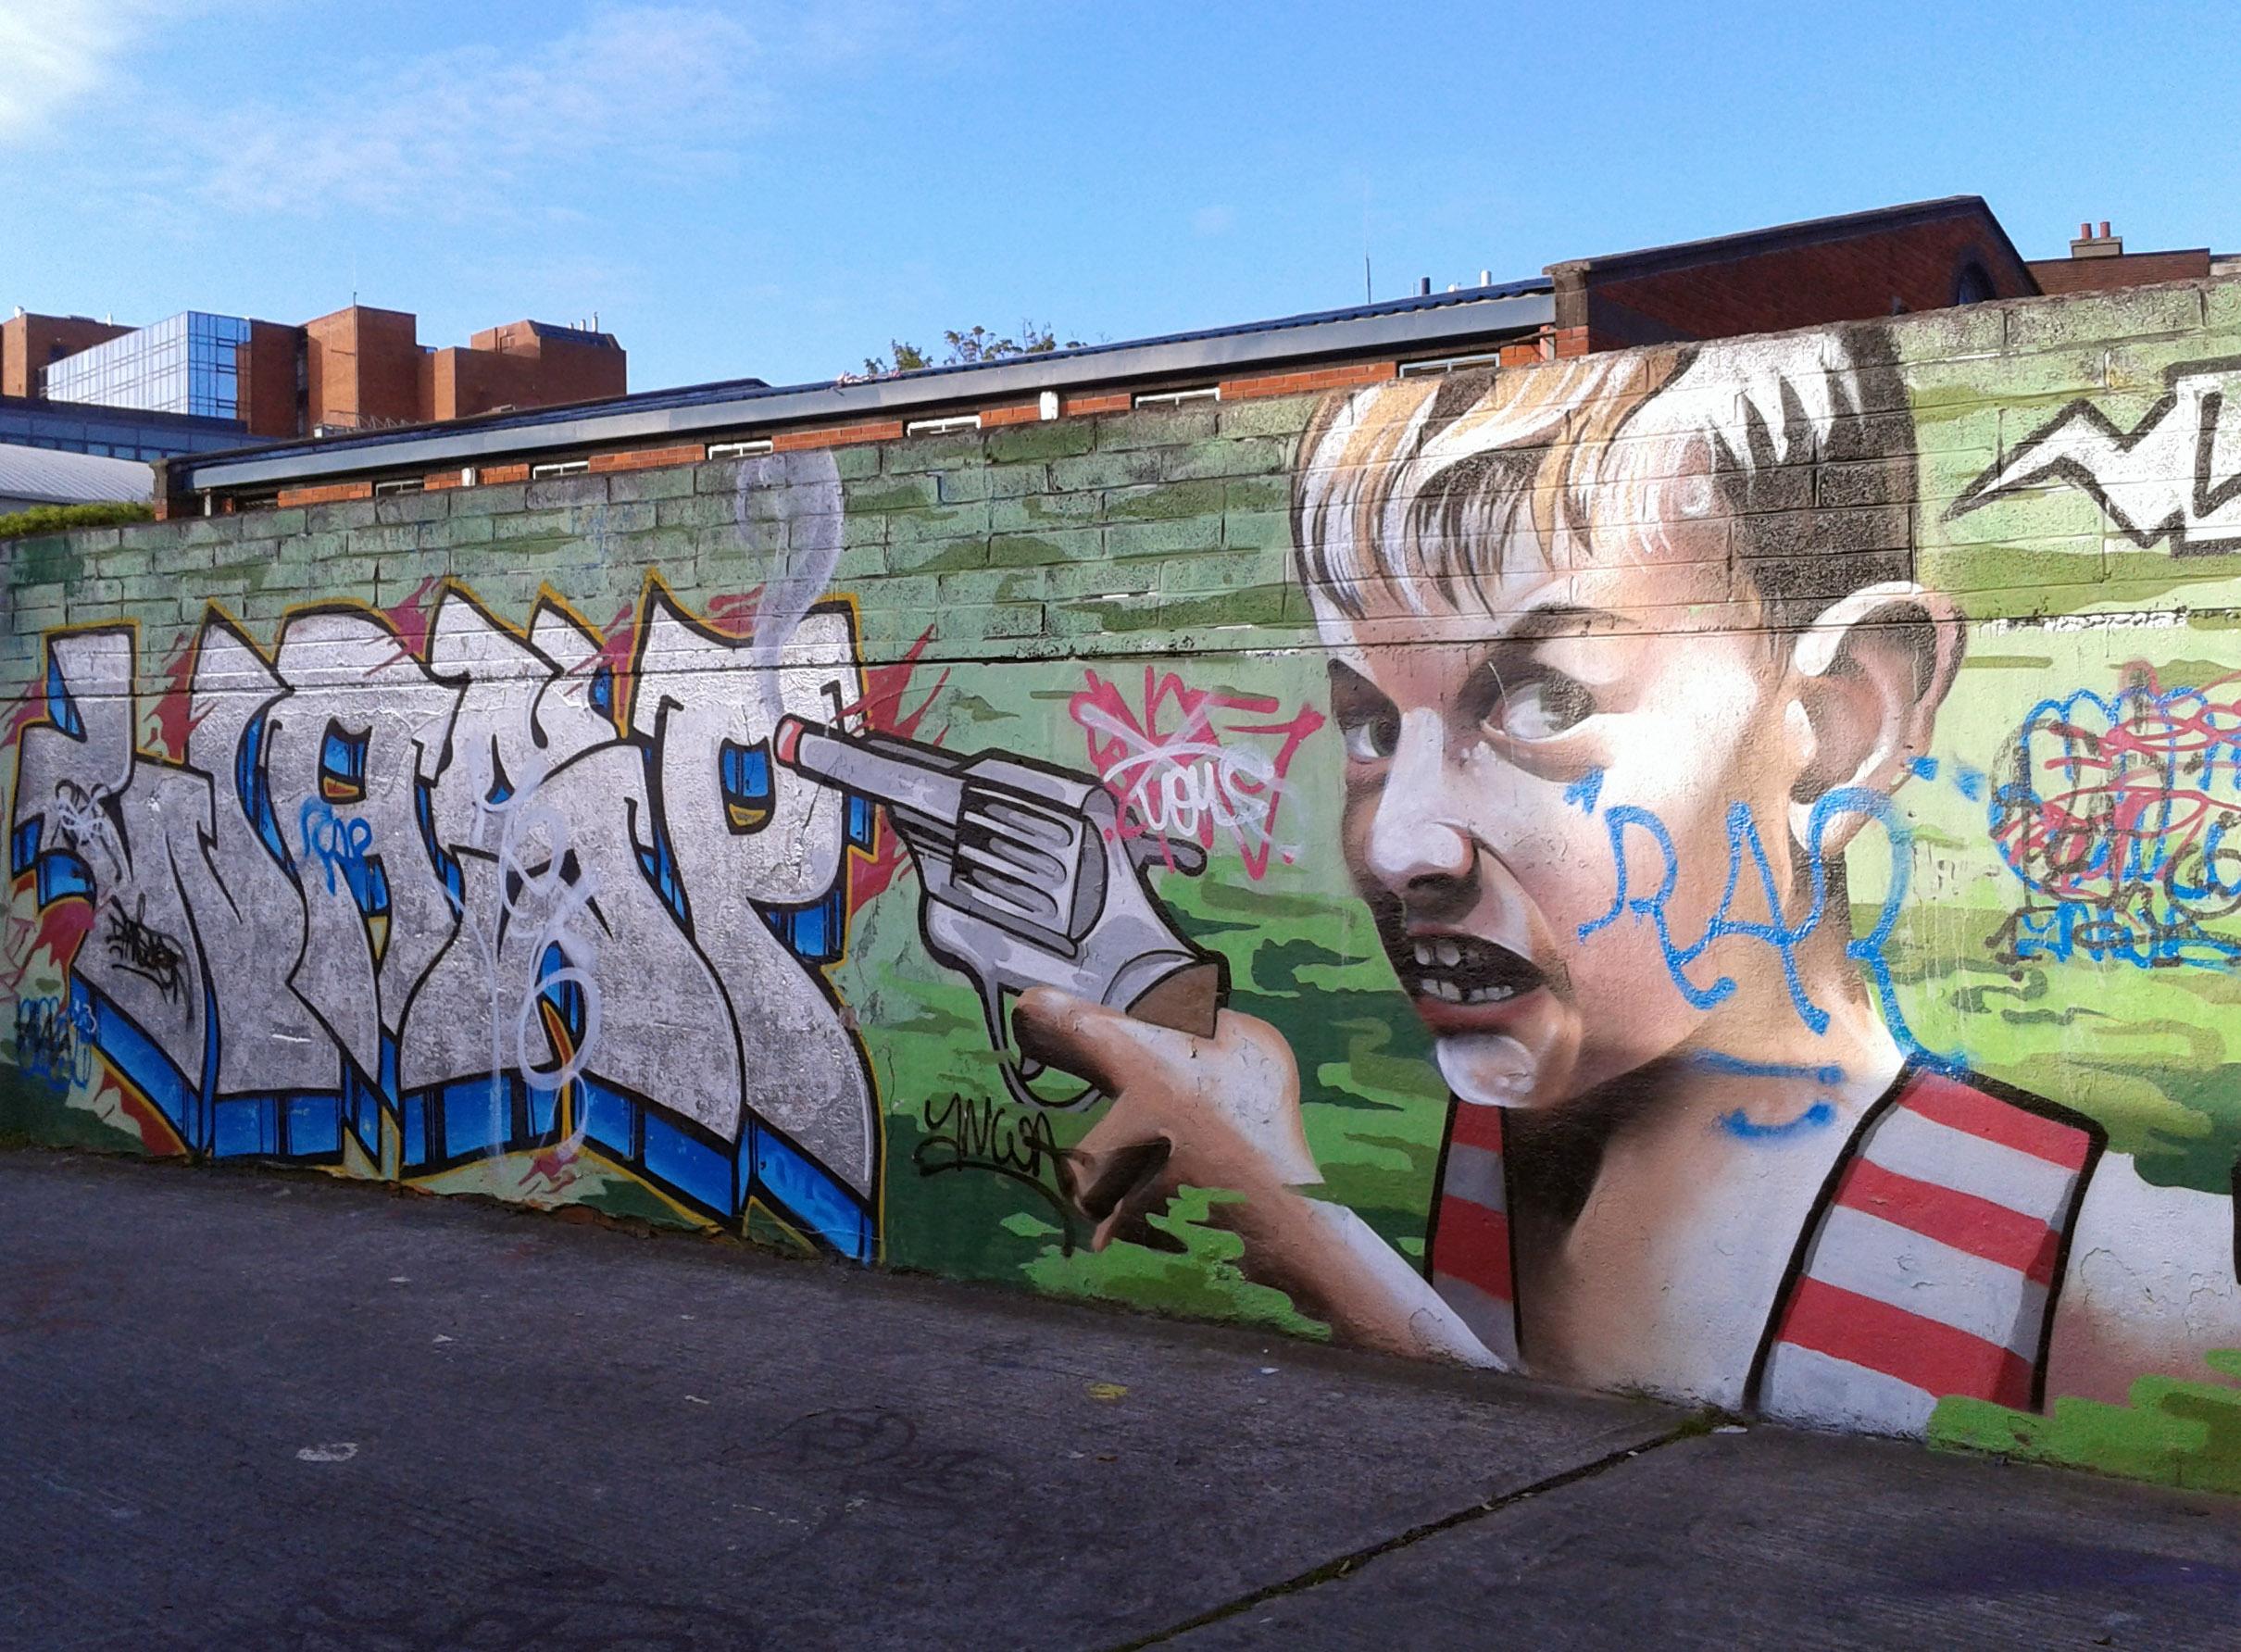 Graffiti wall dublin - Wp_000034